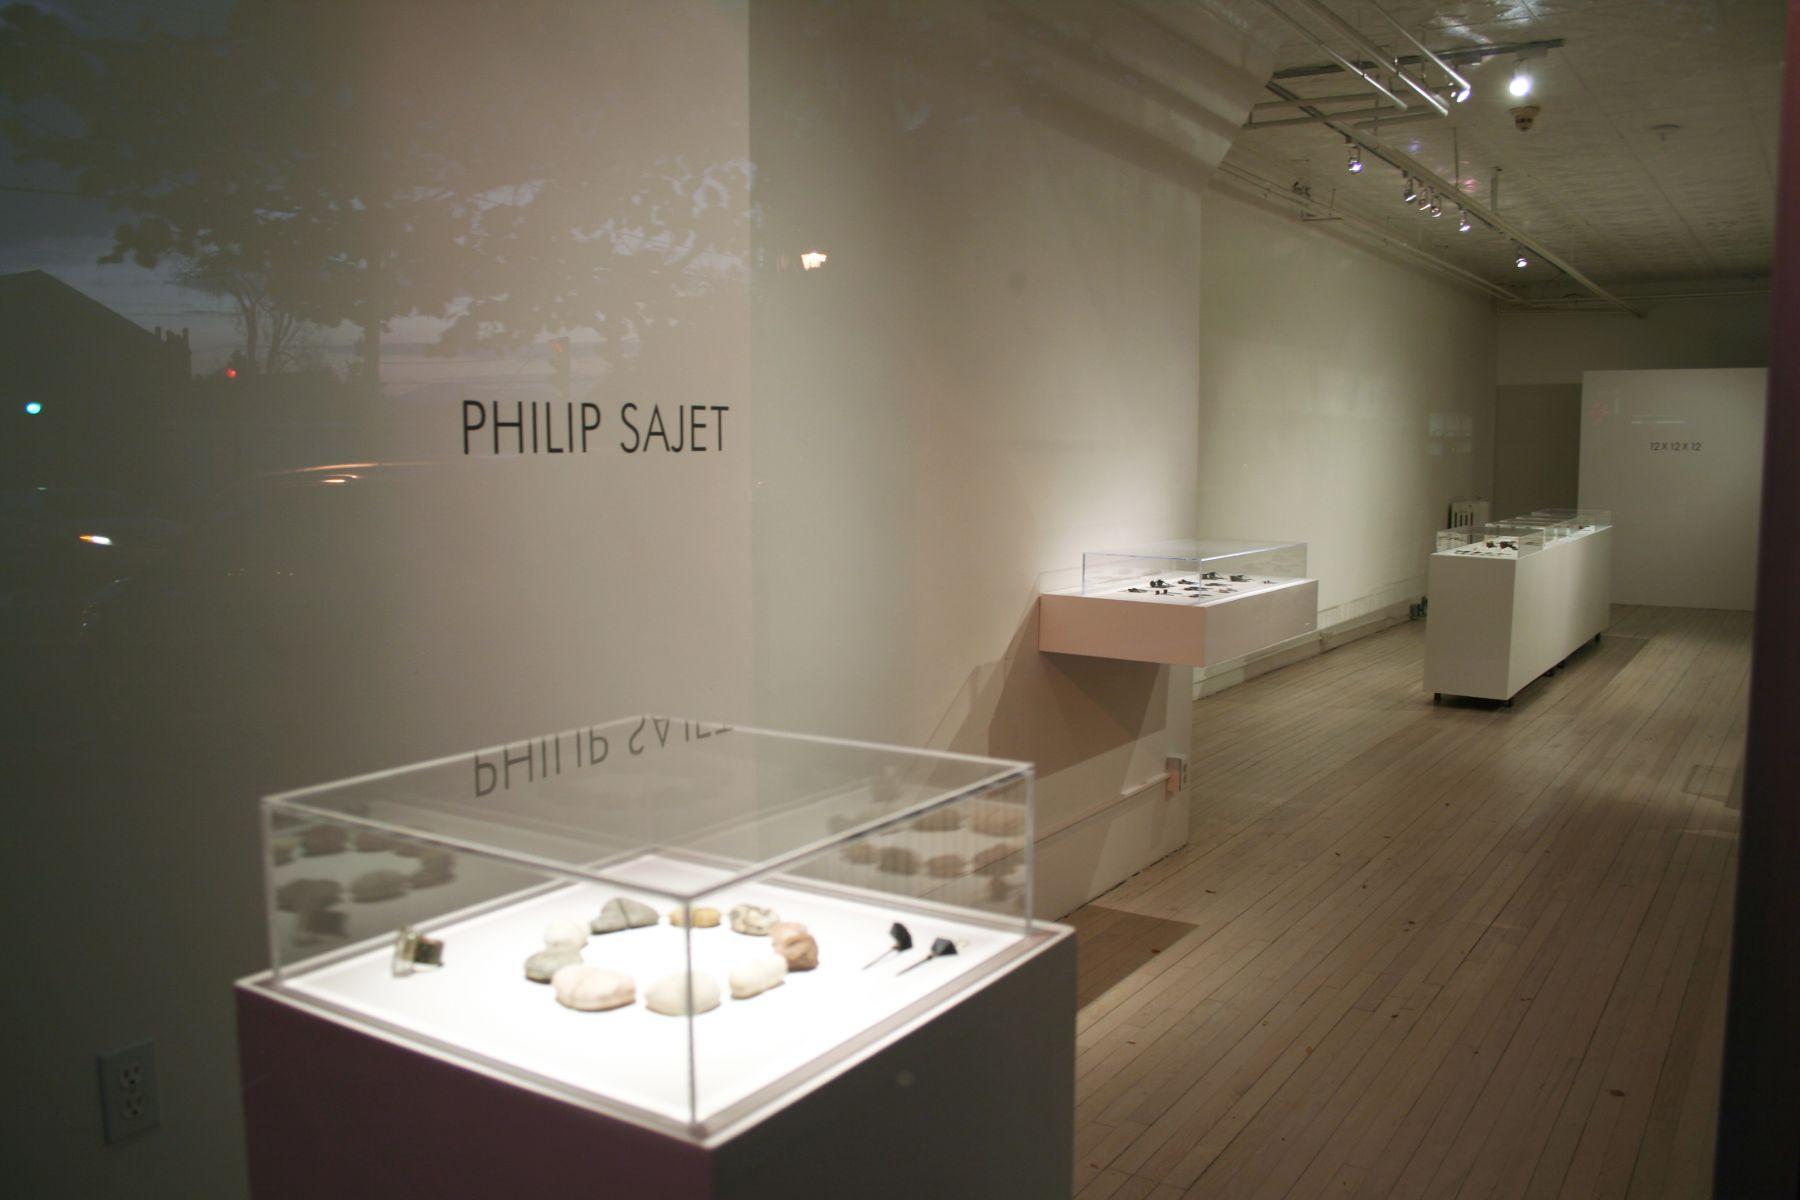 Philip Sajet exhibition